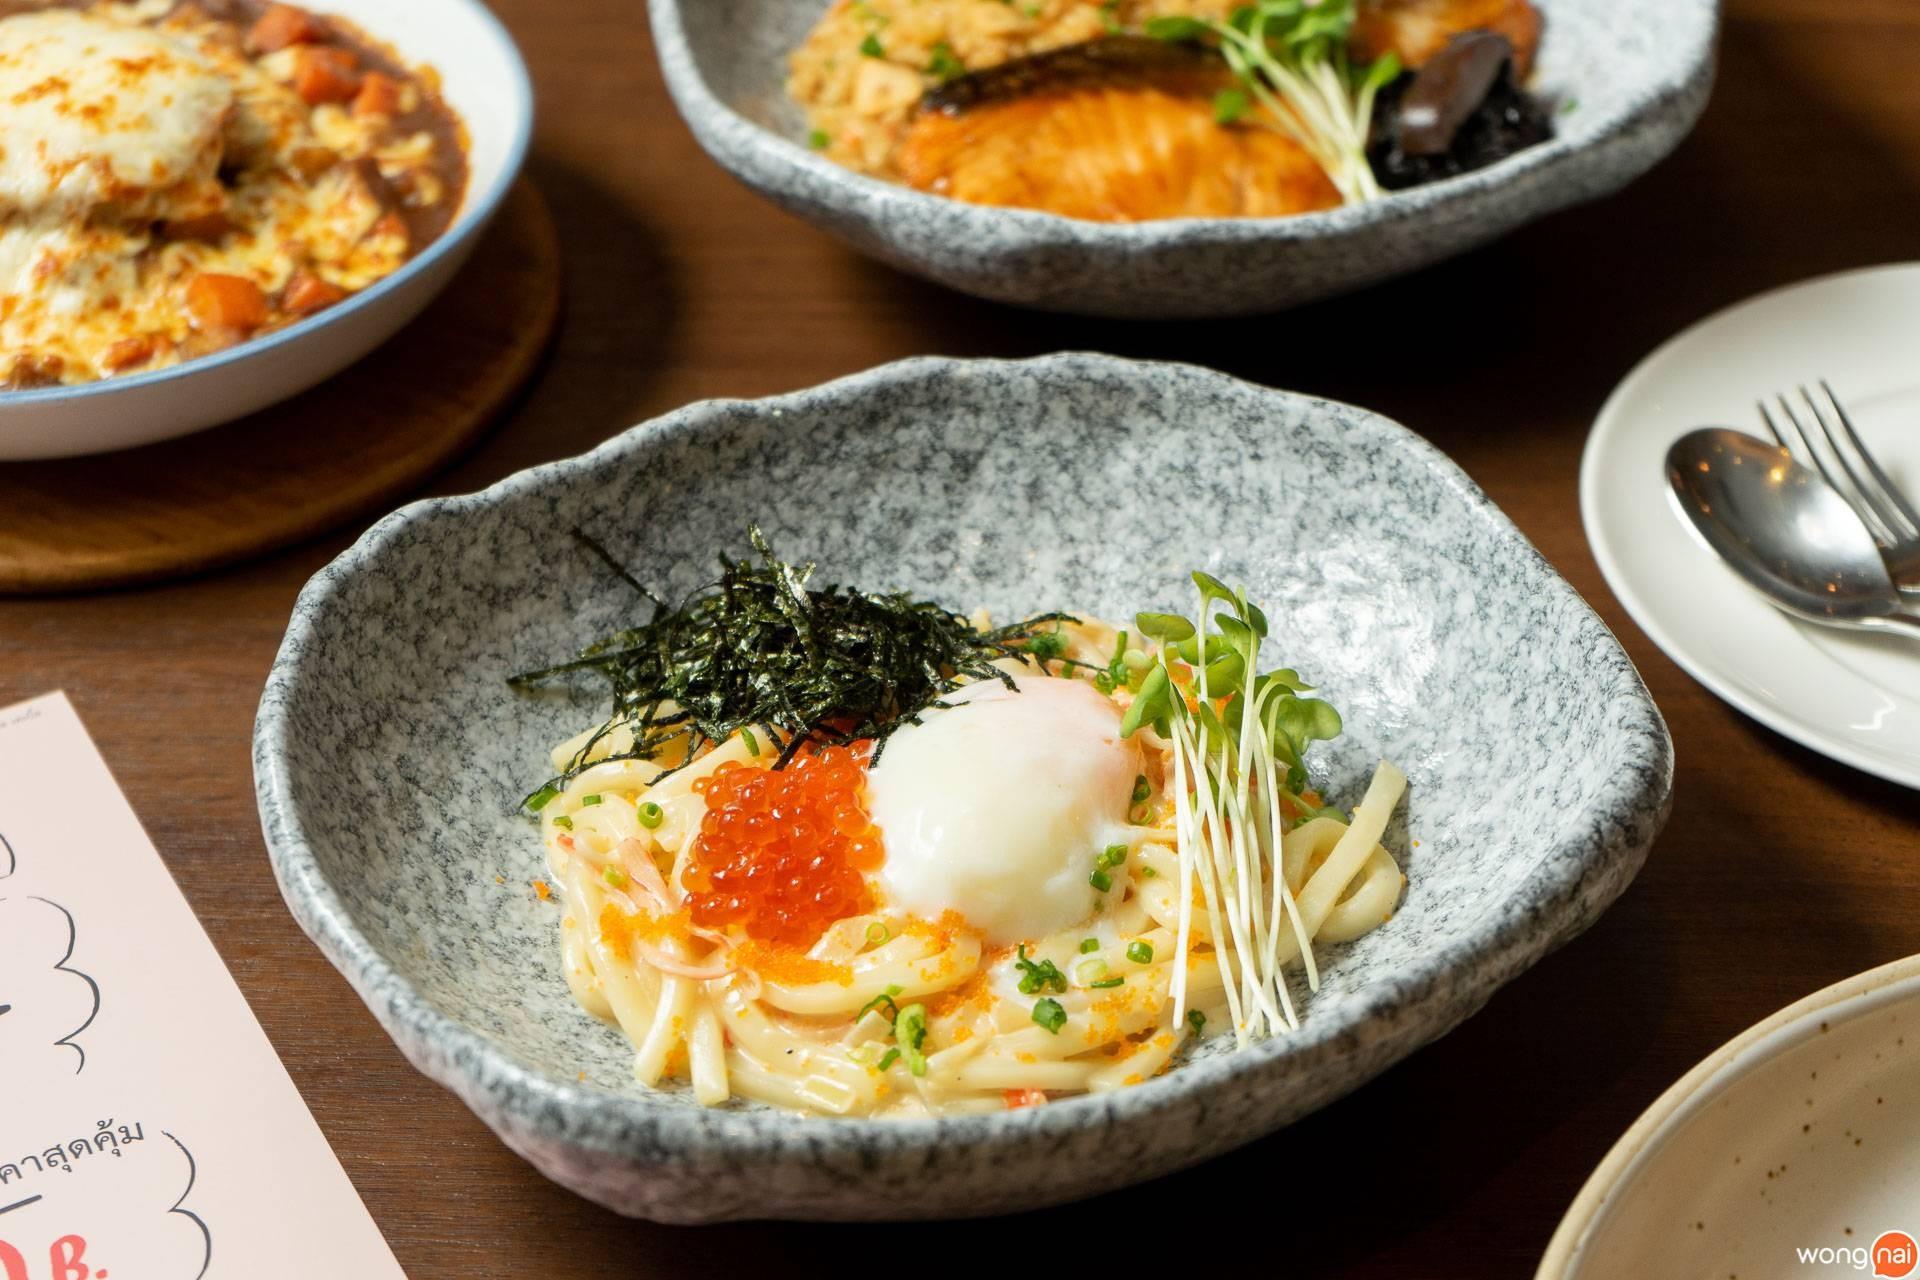 Ikura Onsen Cream Udon On The table